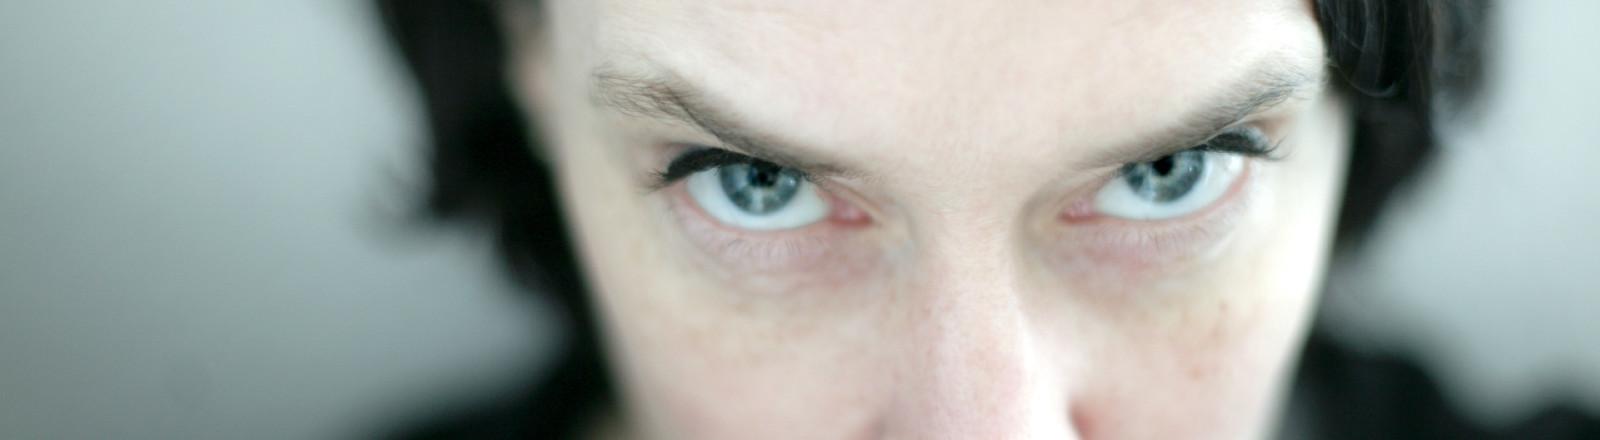 Eine Frau blickt mit Rachegelüsten oder hasserfüllt.